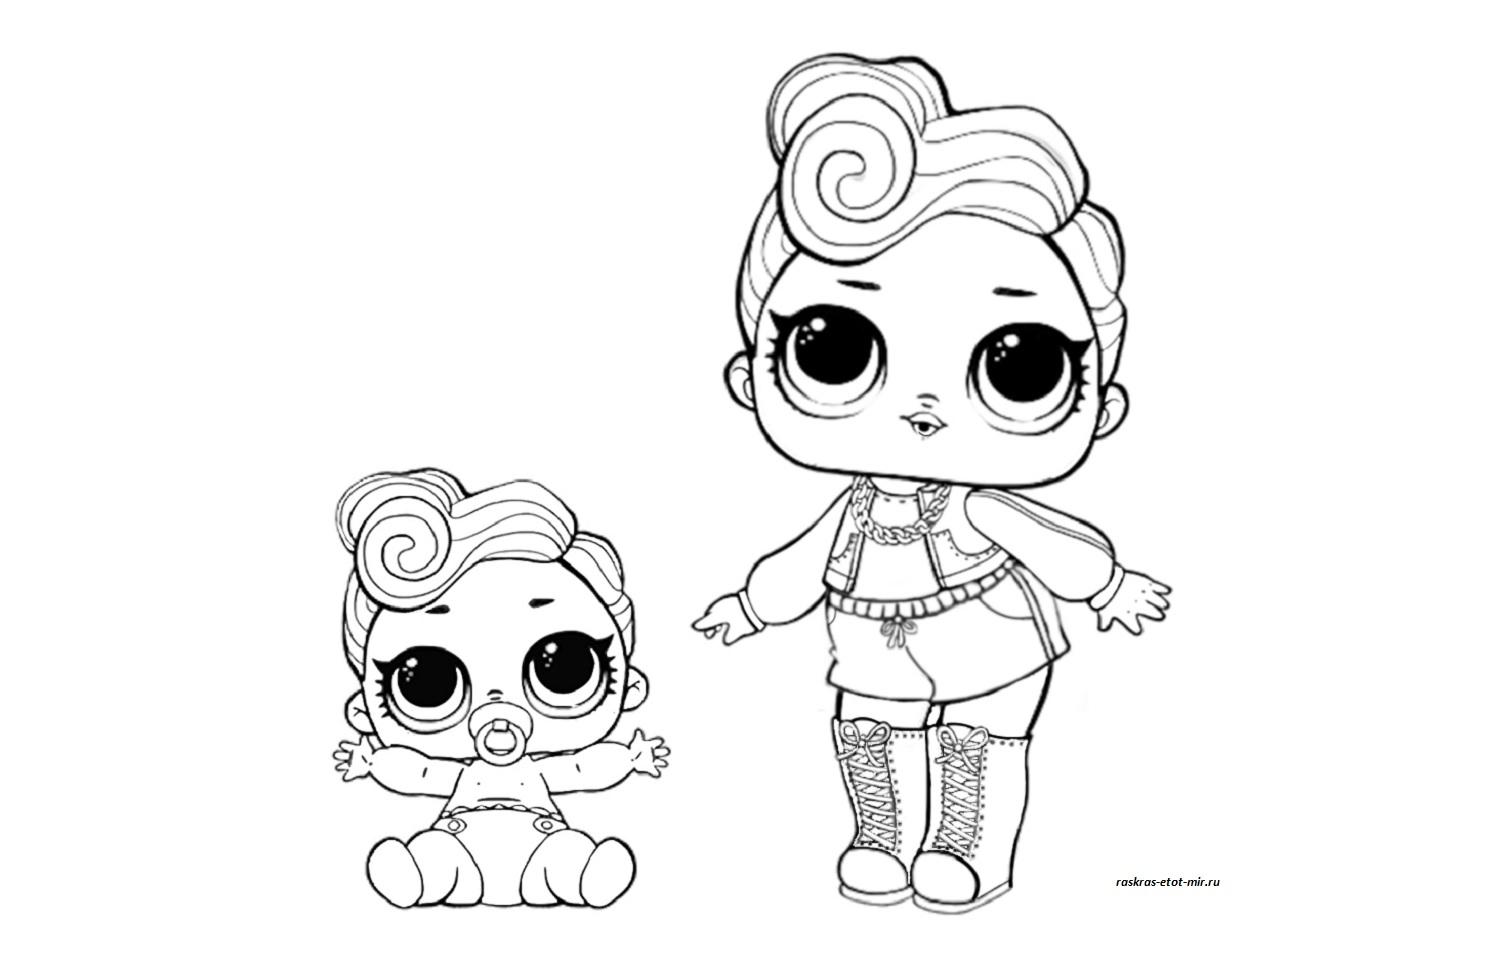 Раскраски для девочек кукол ЛОЛ и их питомцев, куклы Лол ...